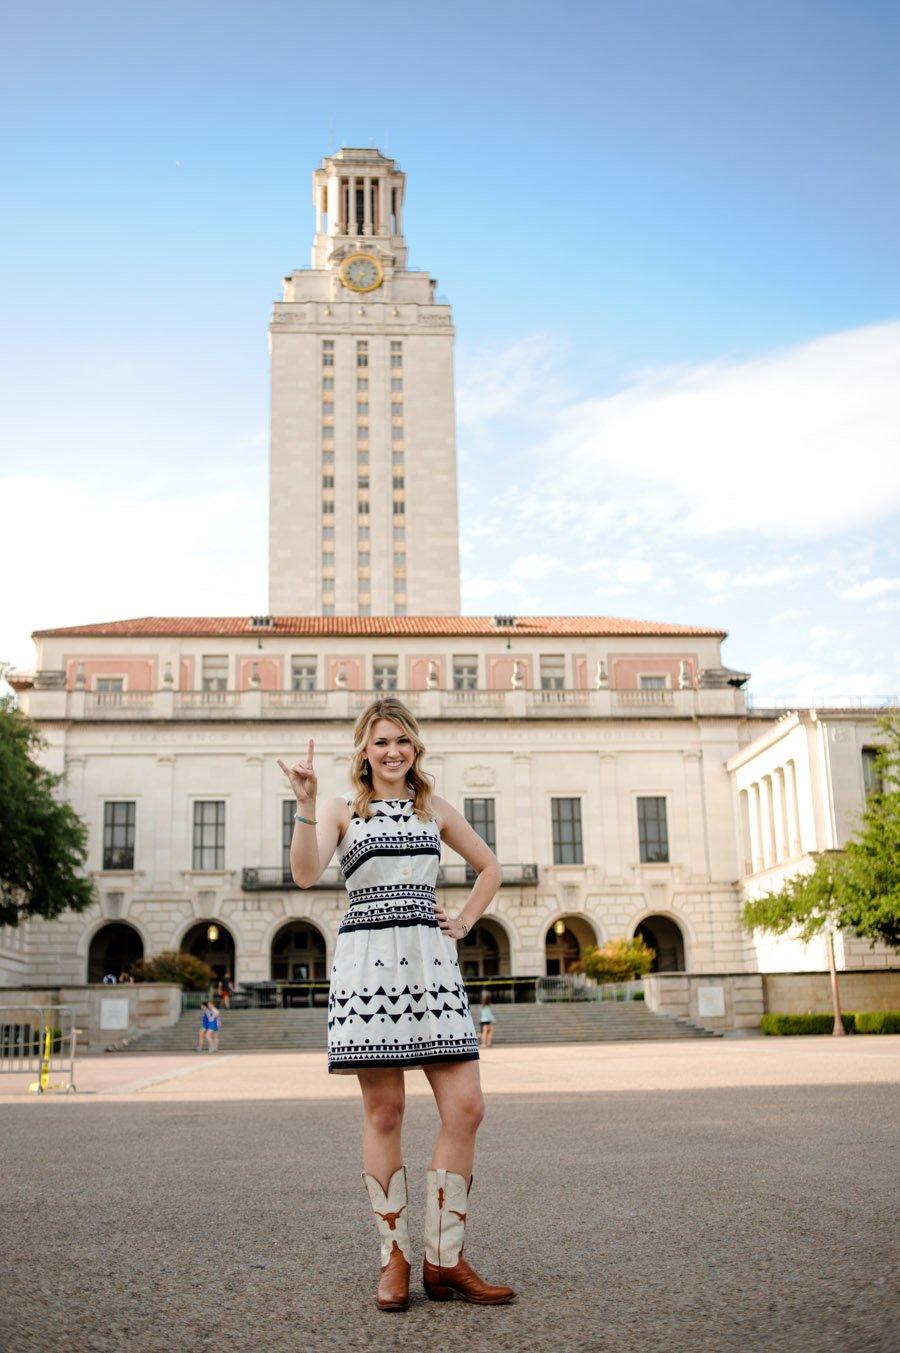 austin graduation photographers, senior portrait photographers austin, university of texas graduation pictures austin